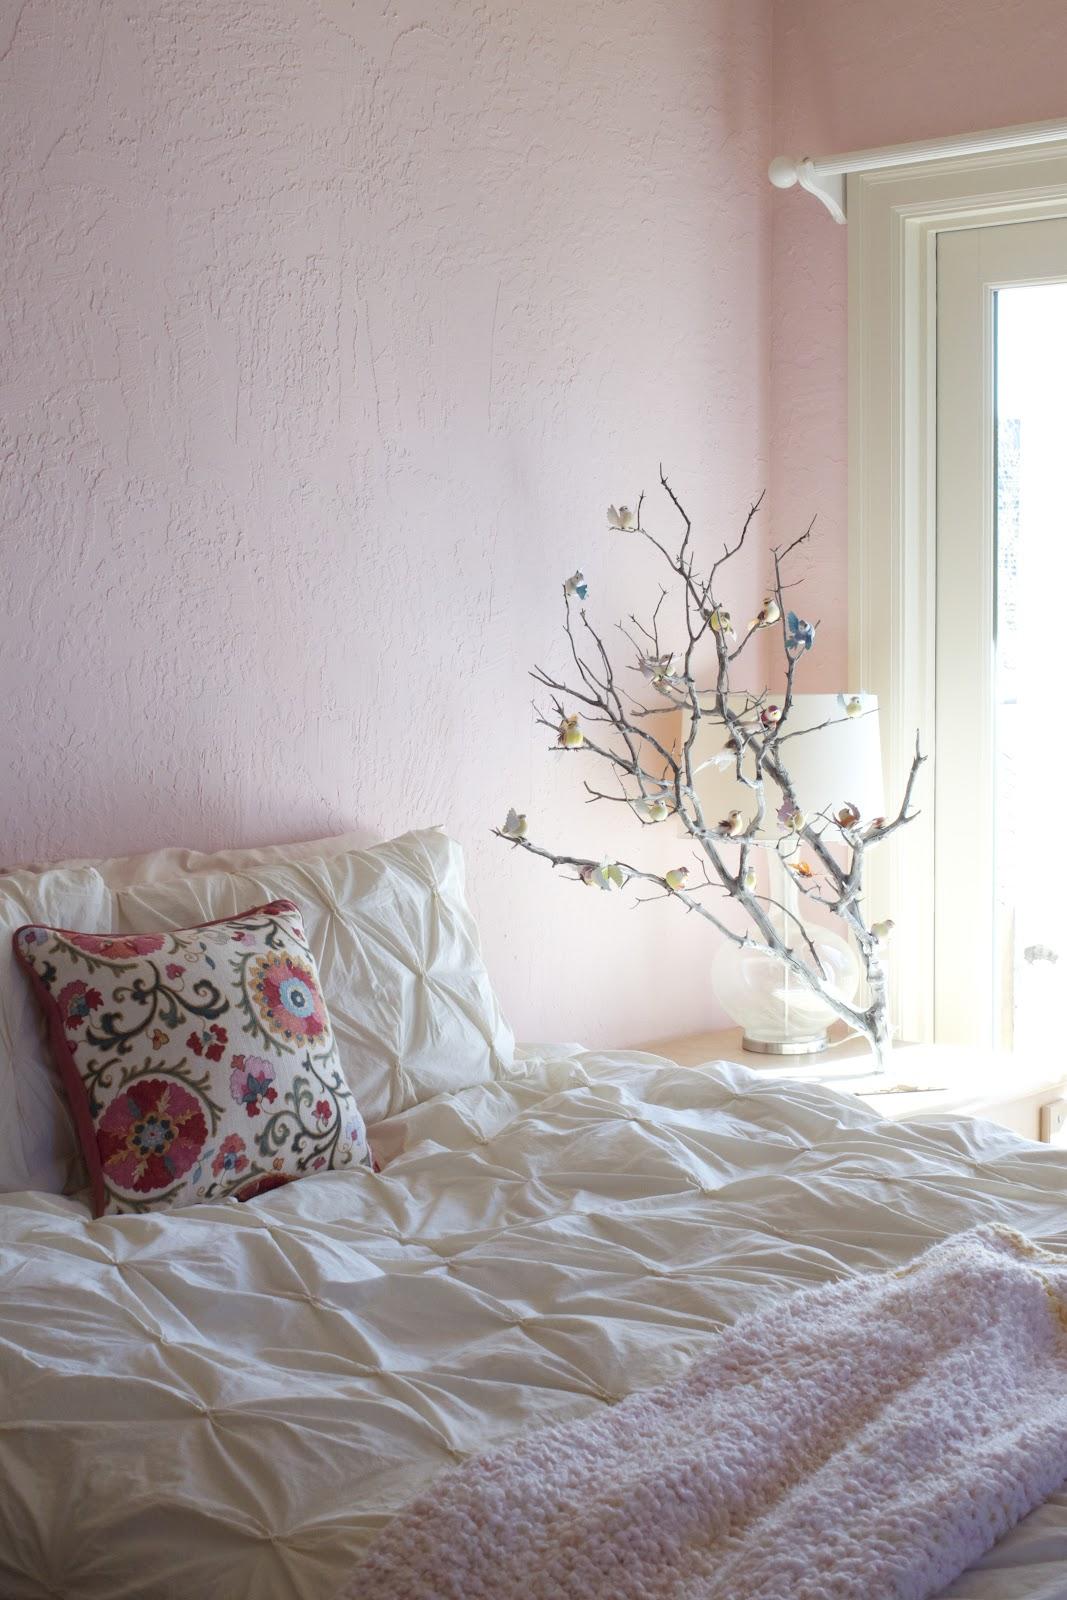 light pink bedroom walls or light pink blanket